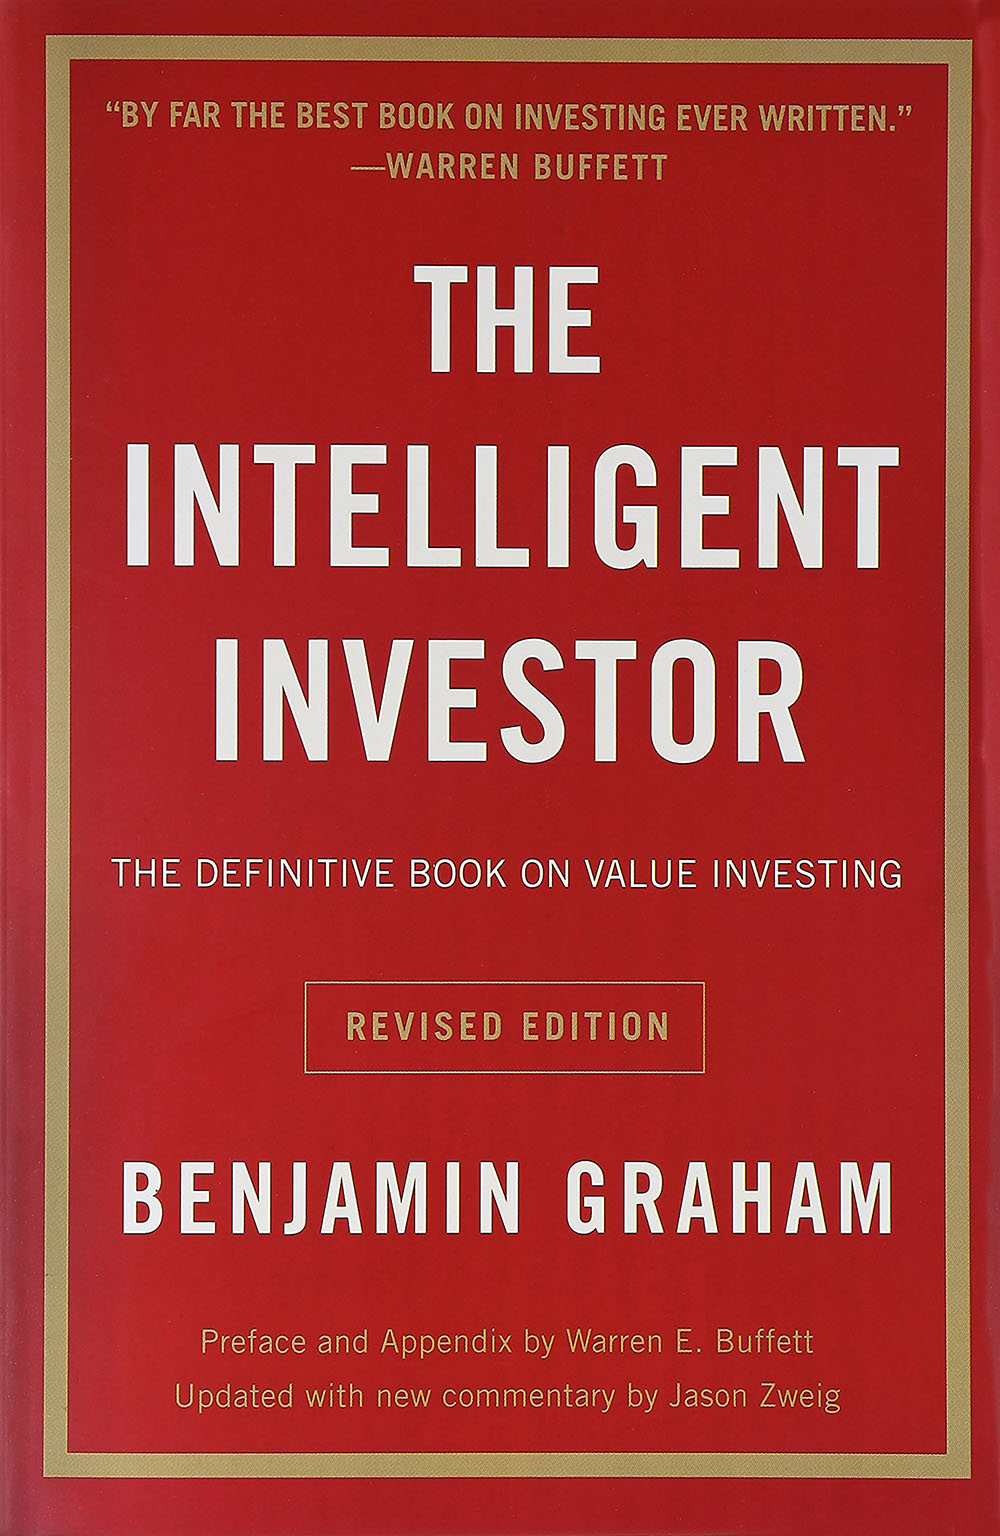 5 Buku Manajemen Keuangan Terbaik yang Bisa Jadi Financial Planner